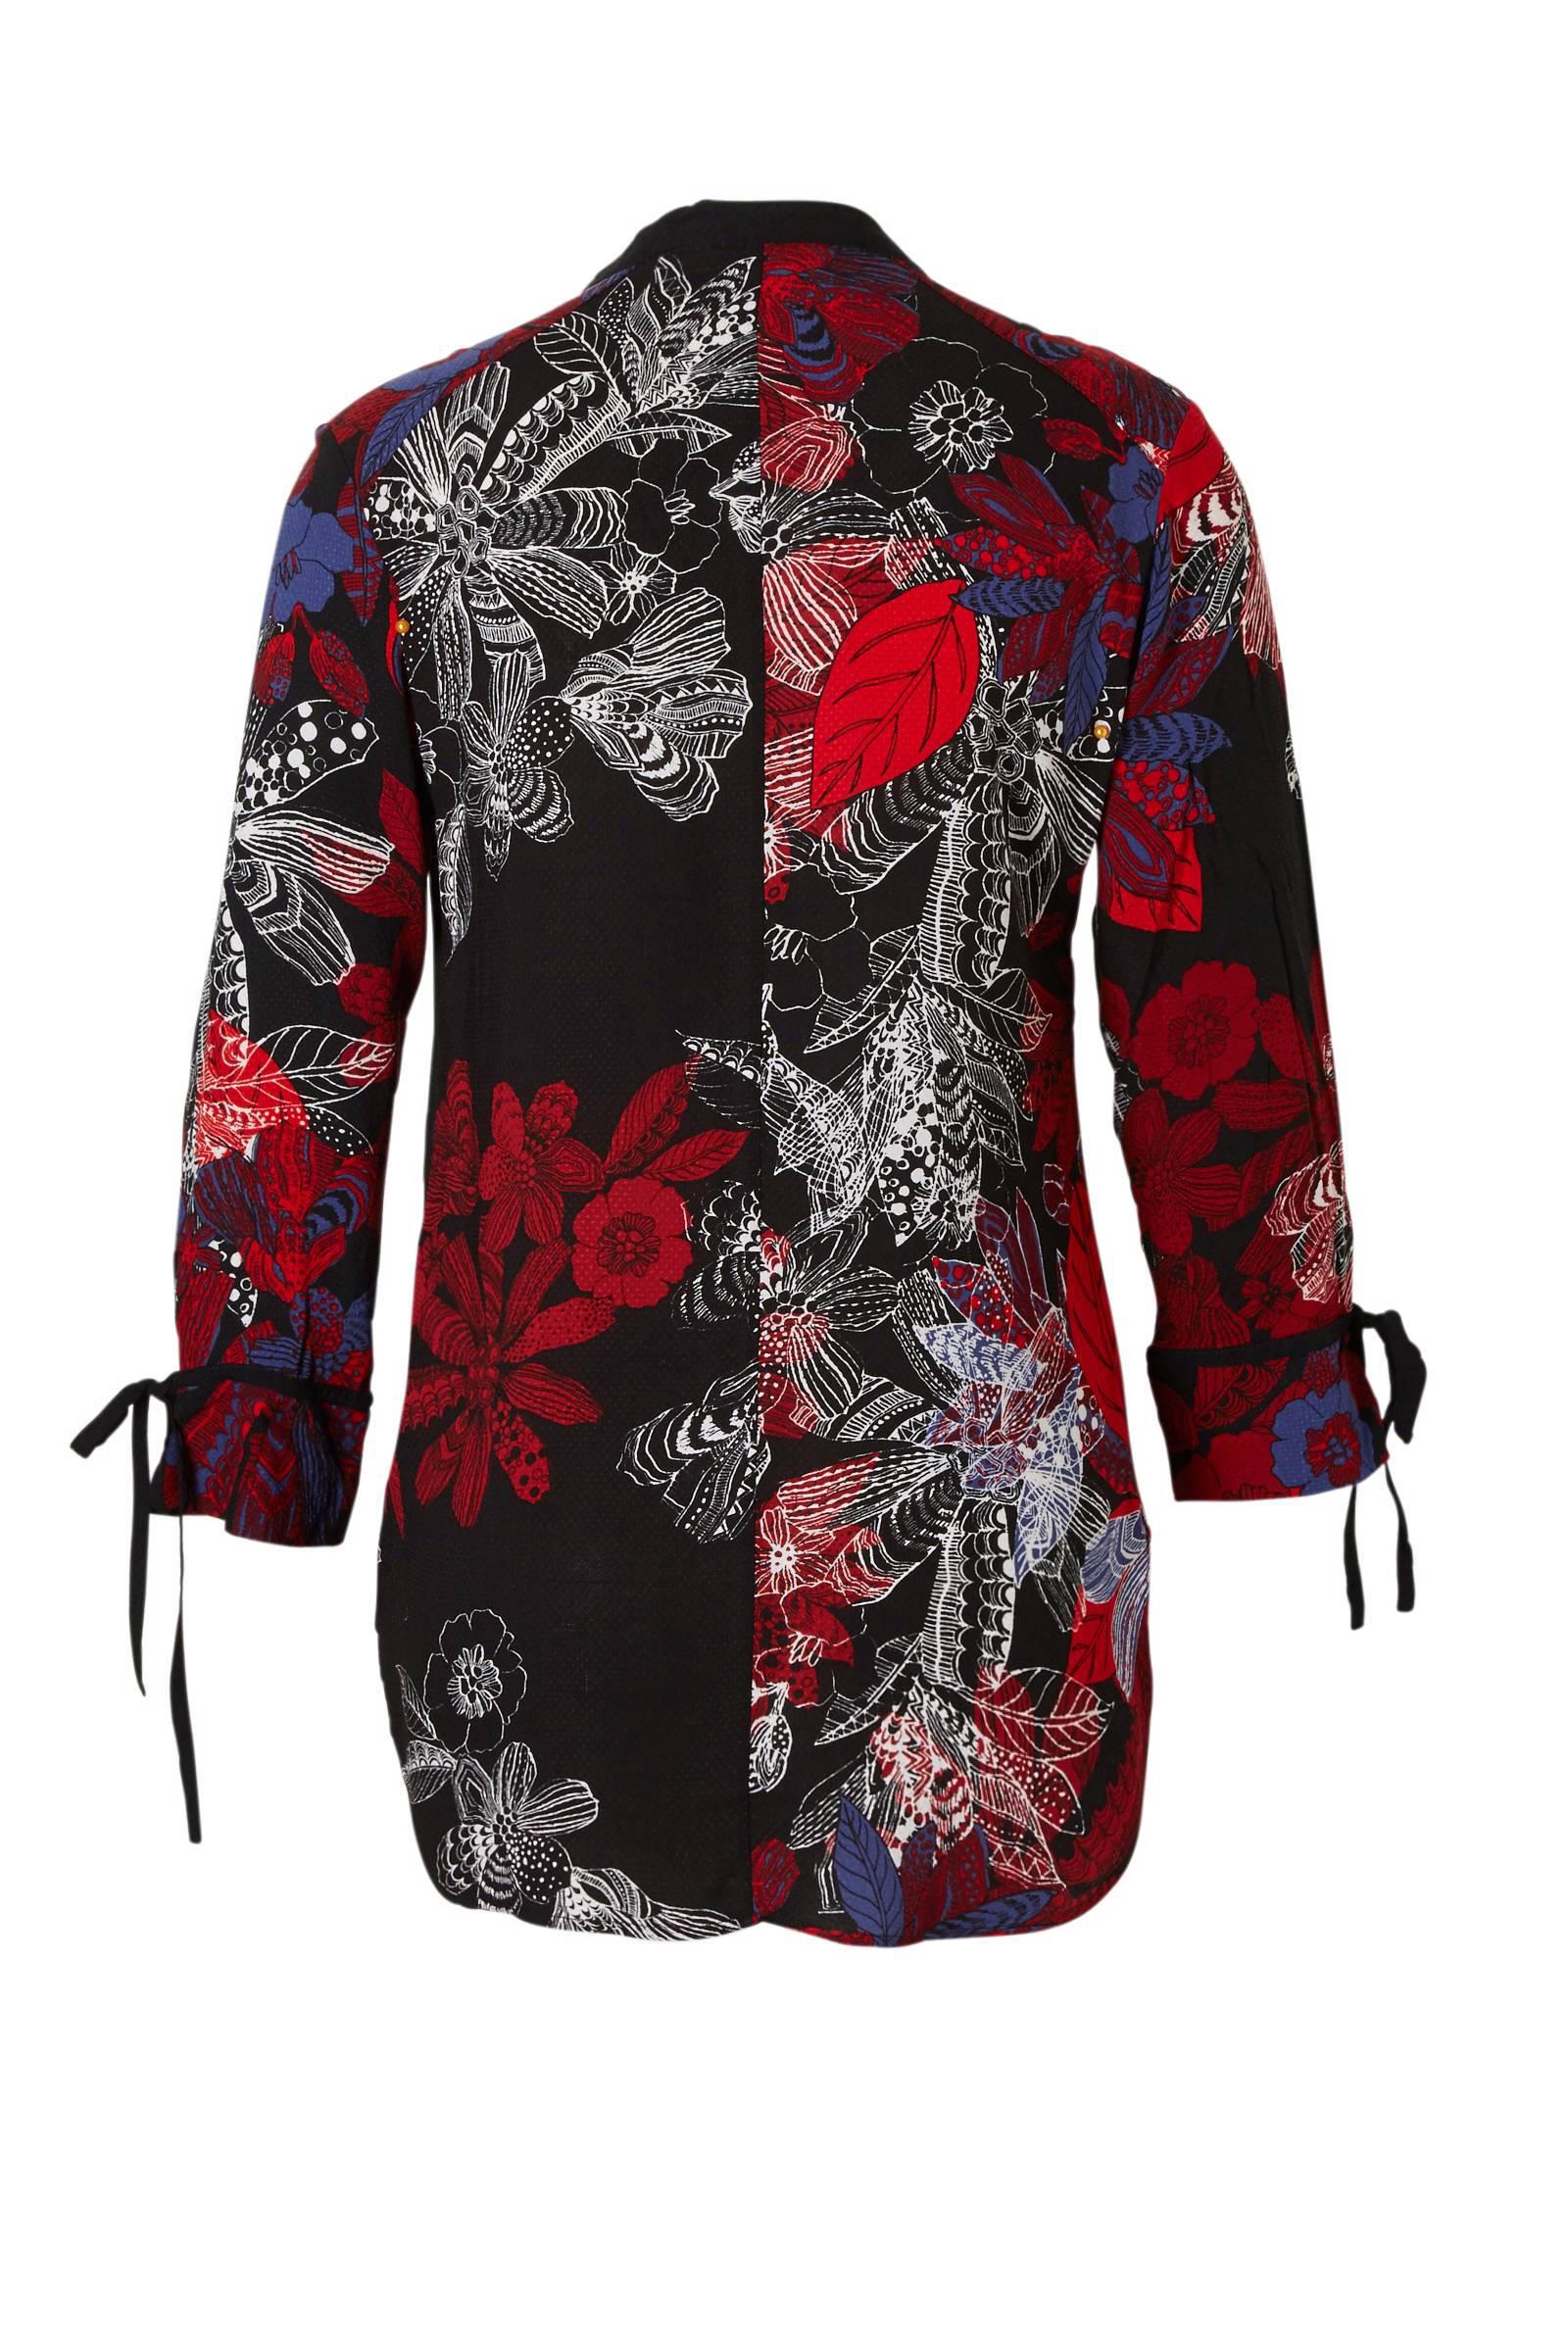 Desigual met Desigual blouse met met blouse Desigual zwart zwart blouse print print rwrqaB